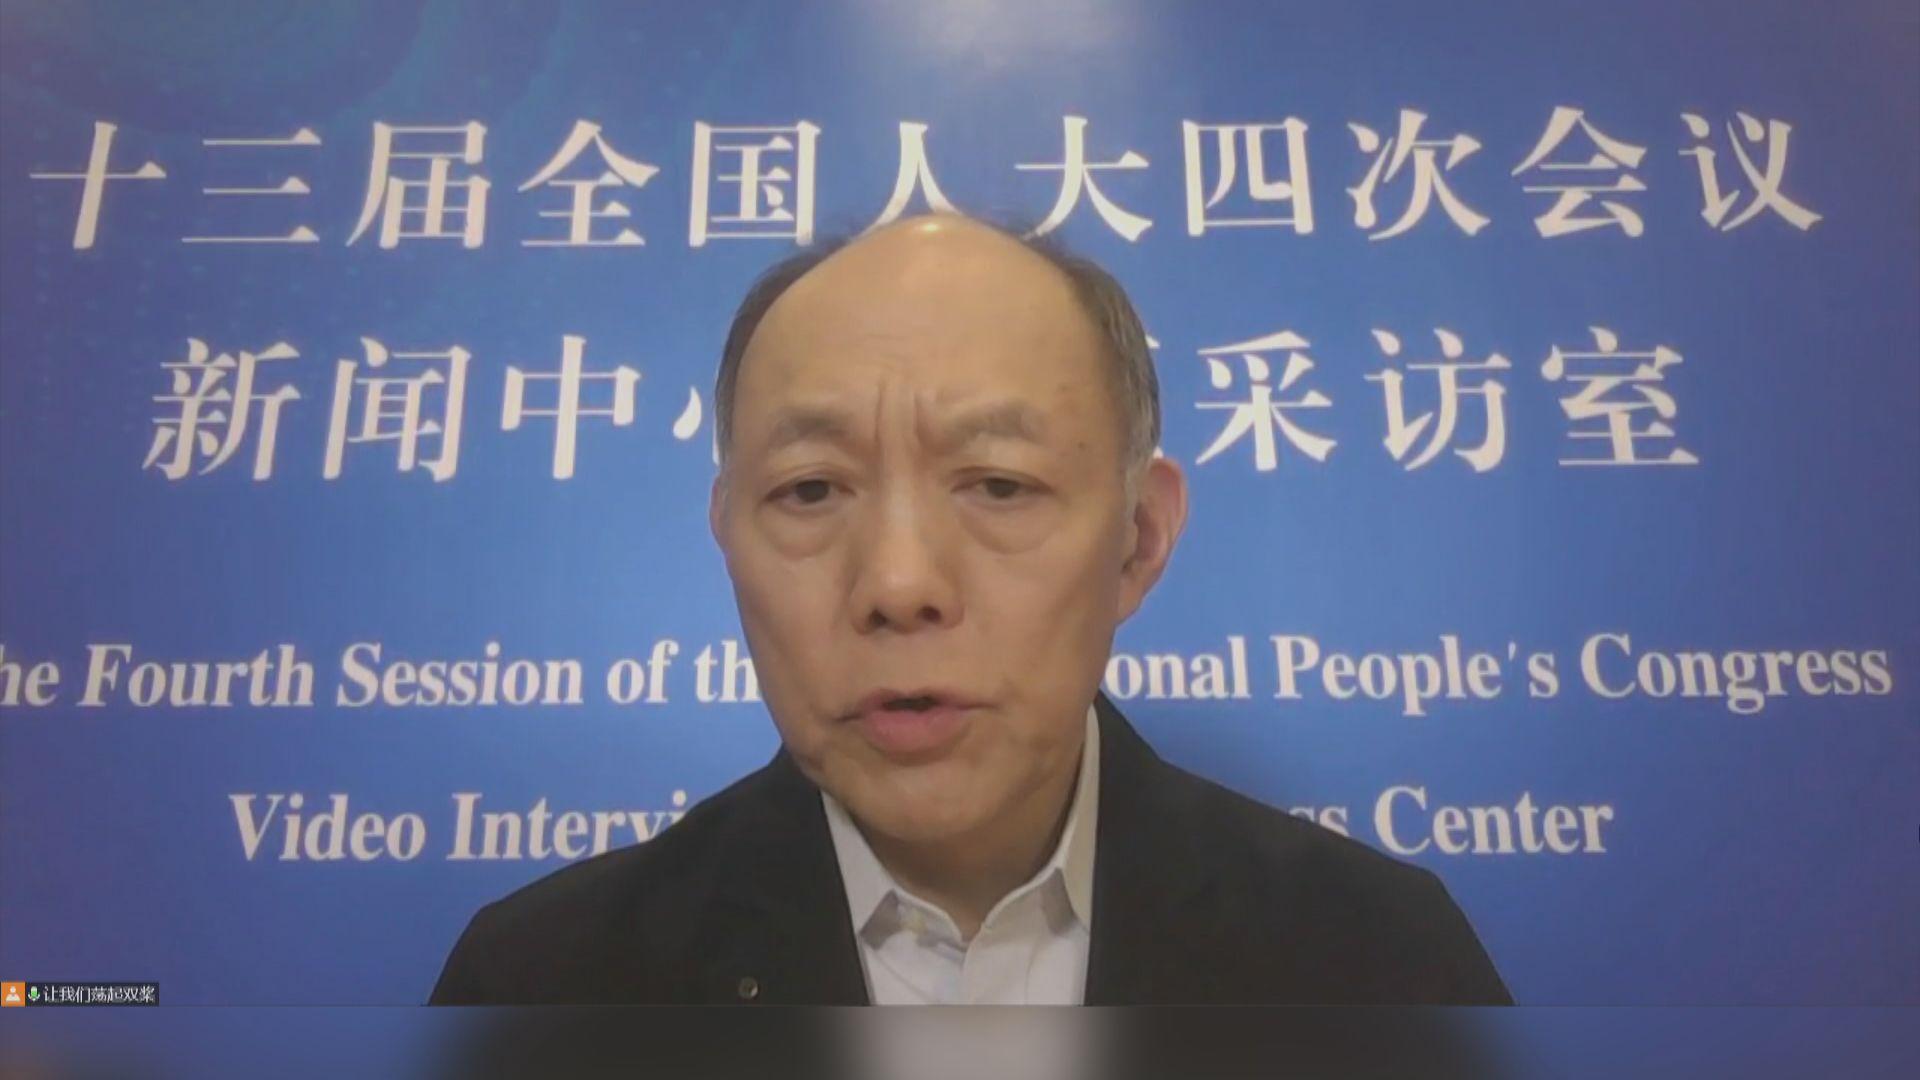 霍震寰:完善選舉制度達致均衡參與有利本港長遠發展